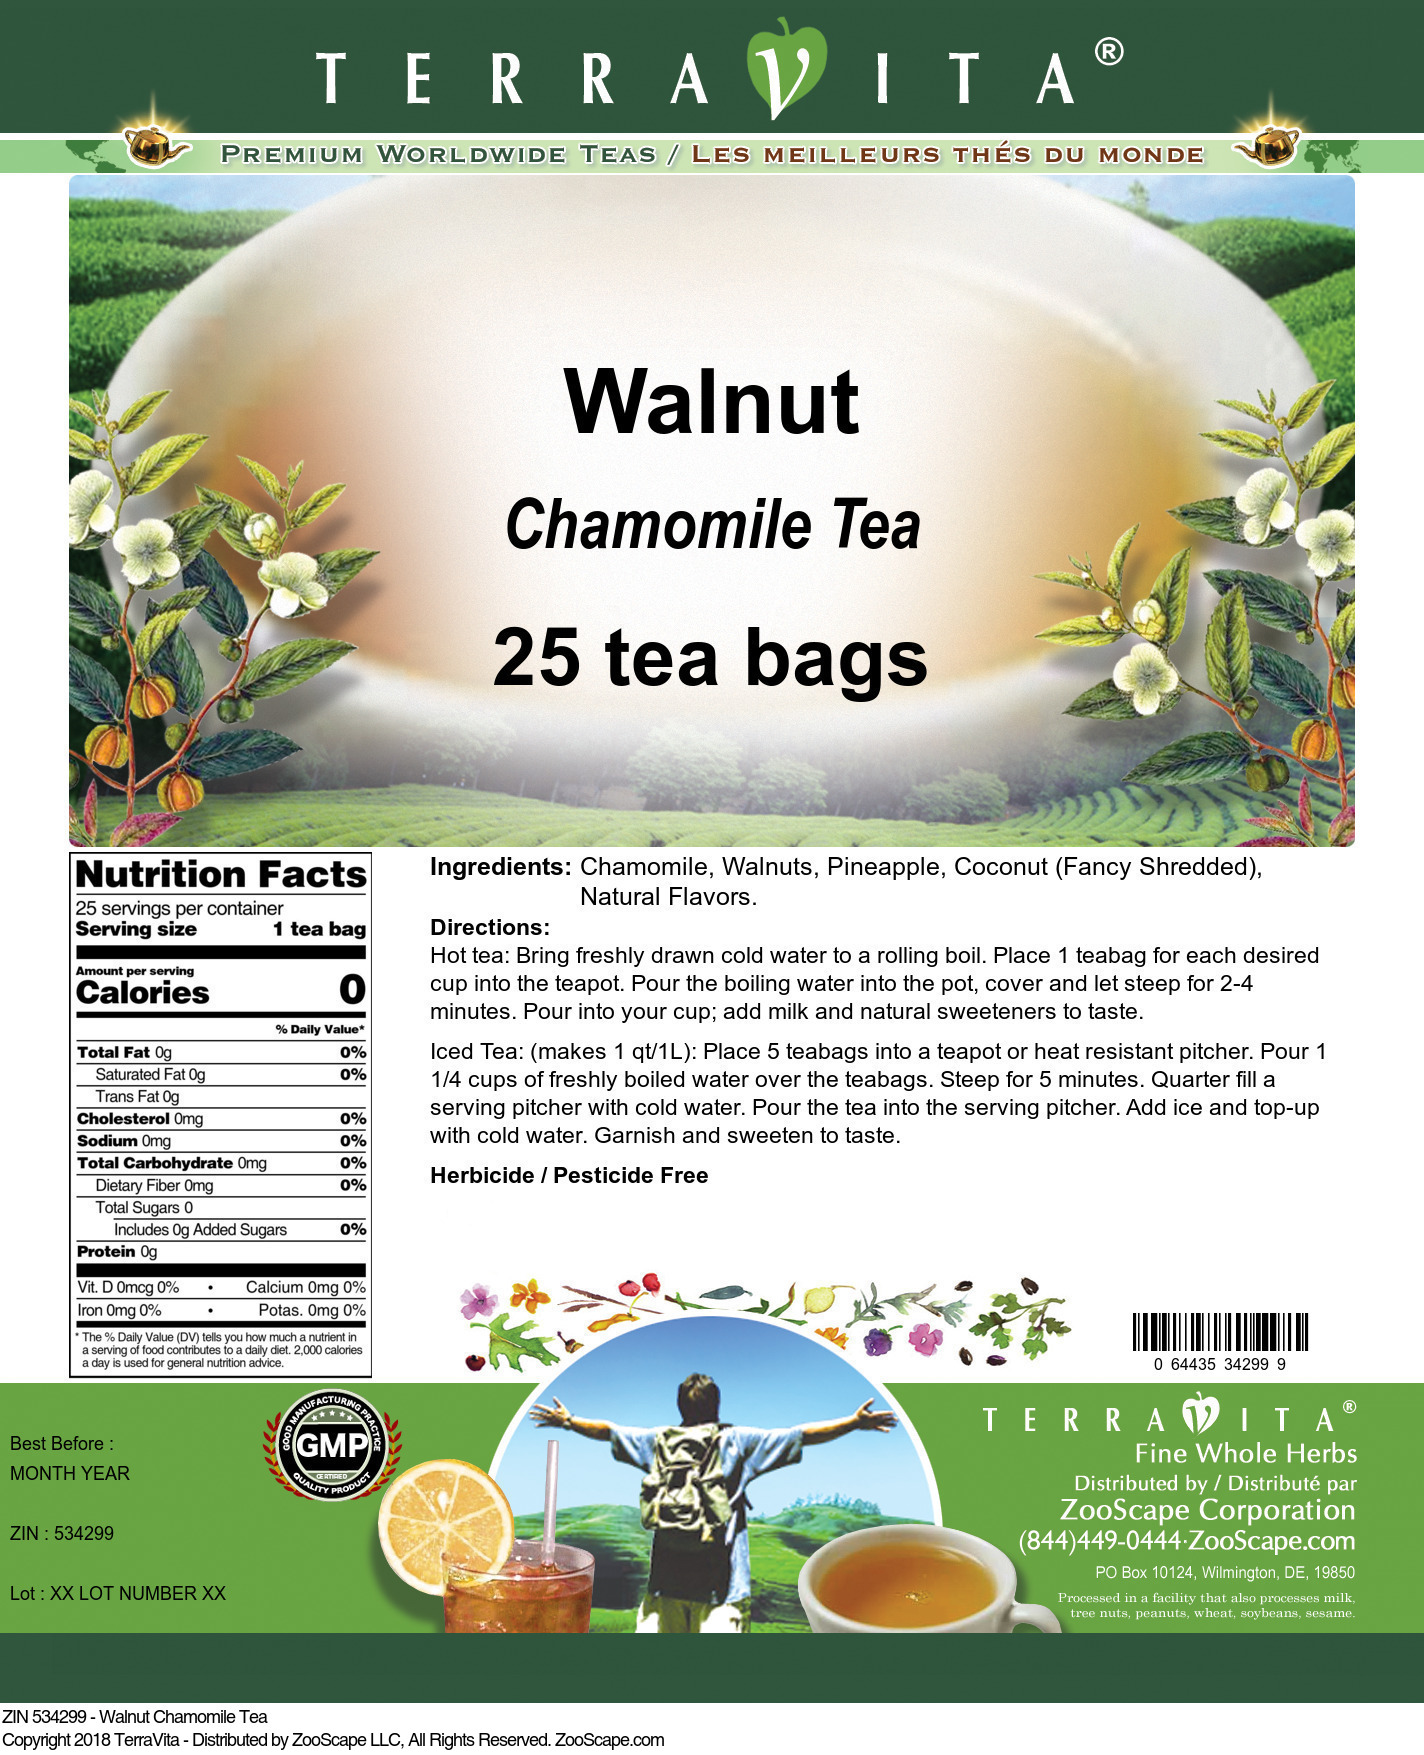 Walnut Chamomile Tea